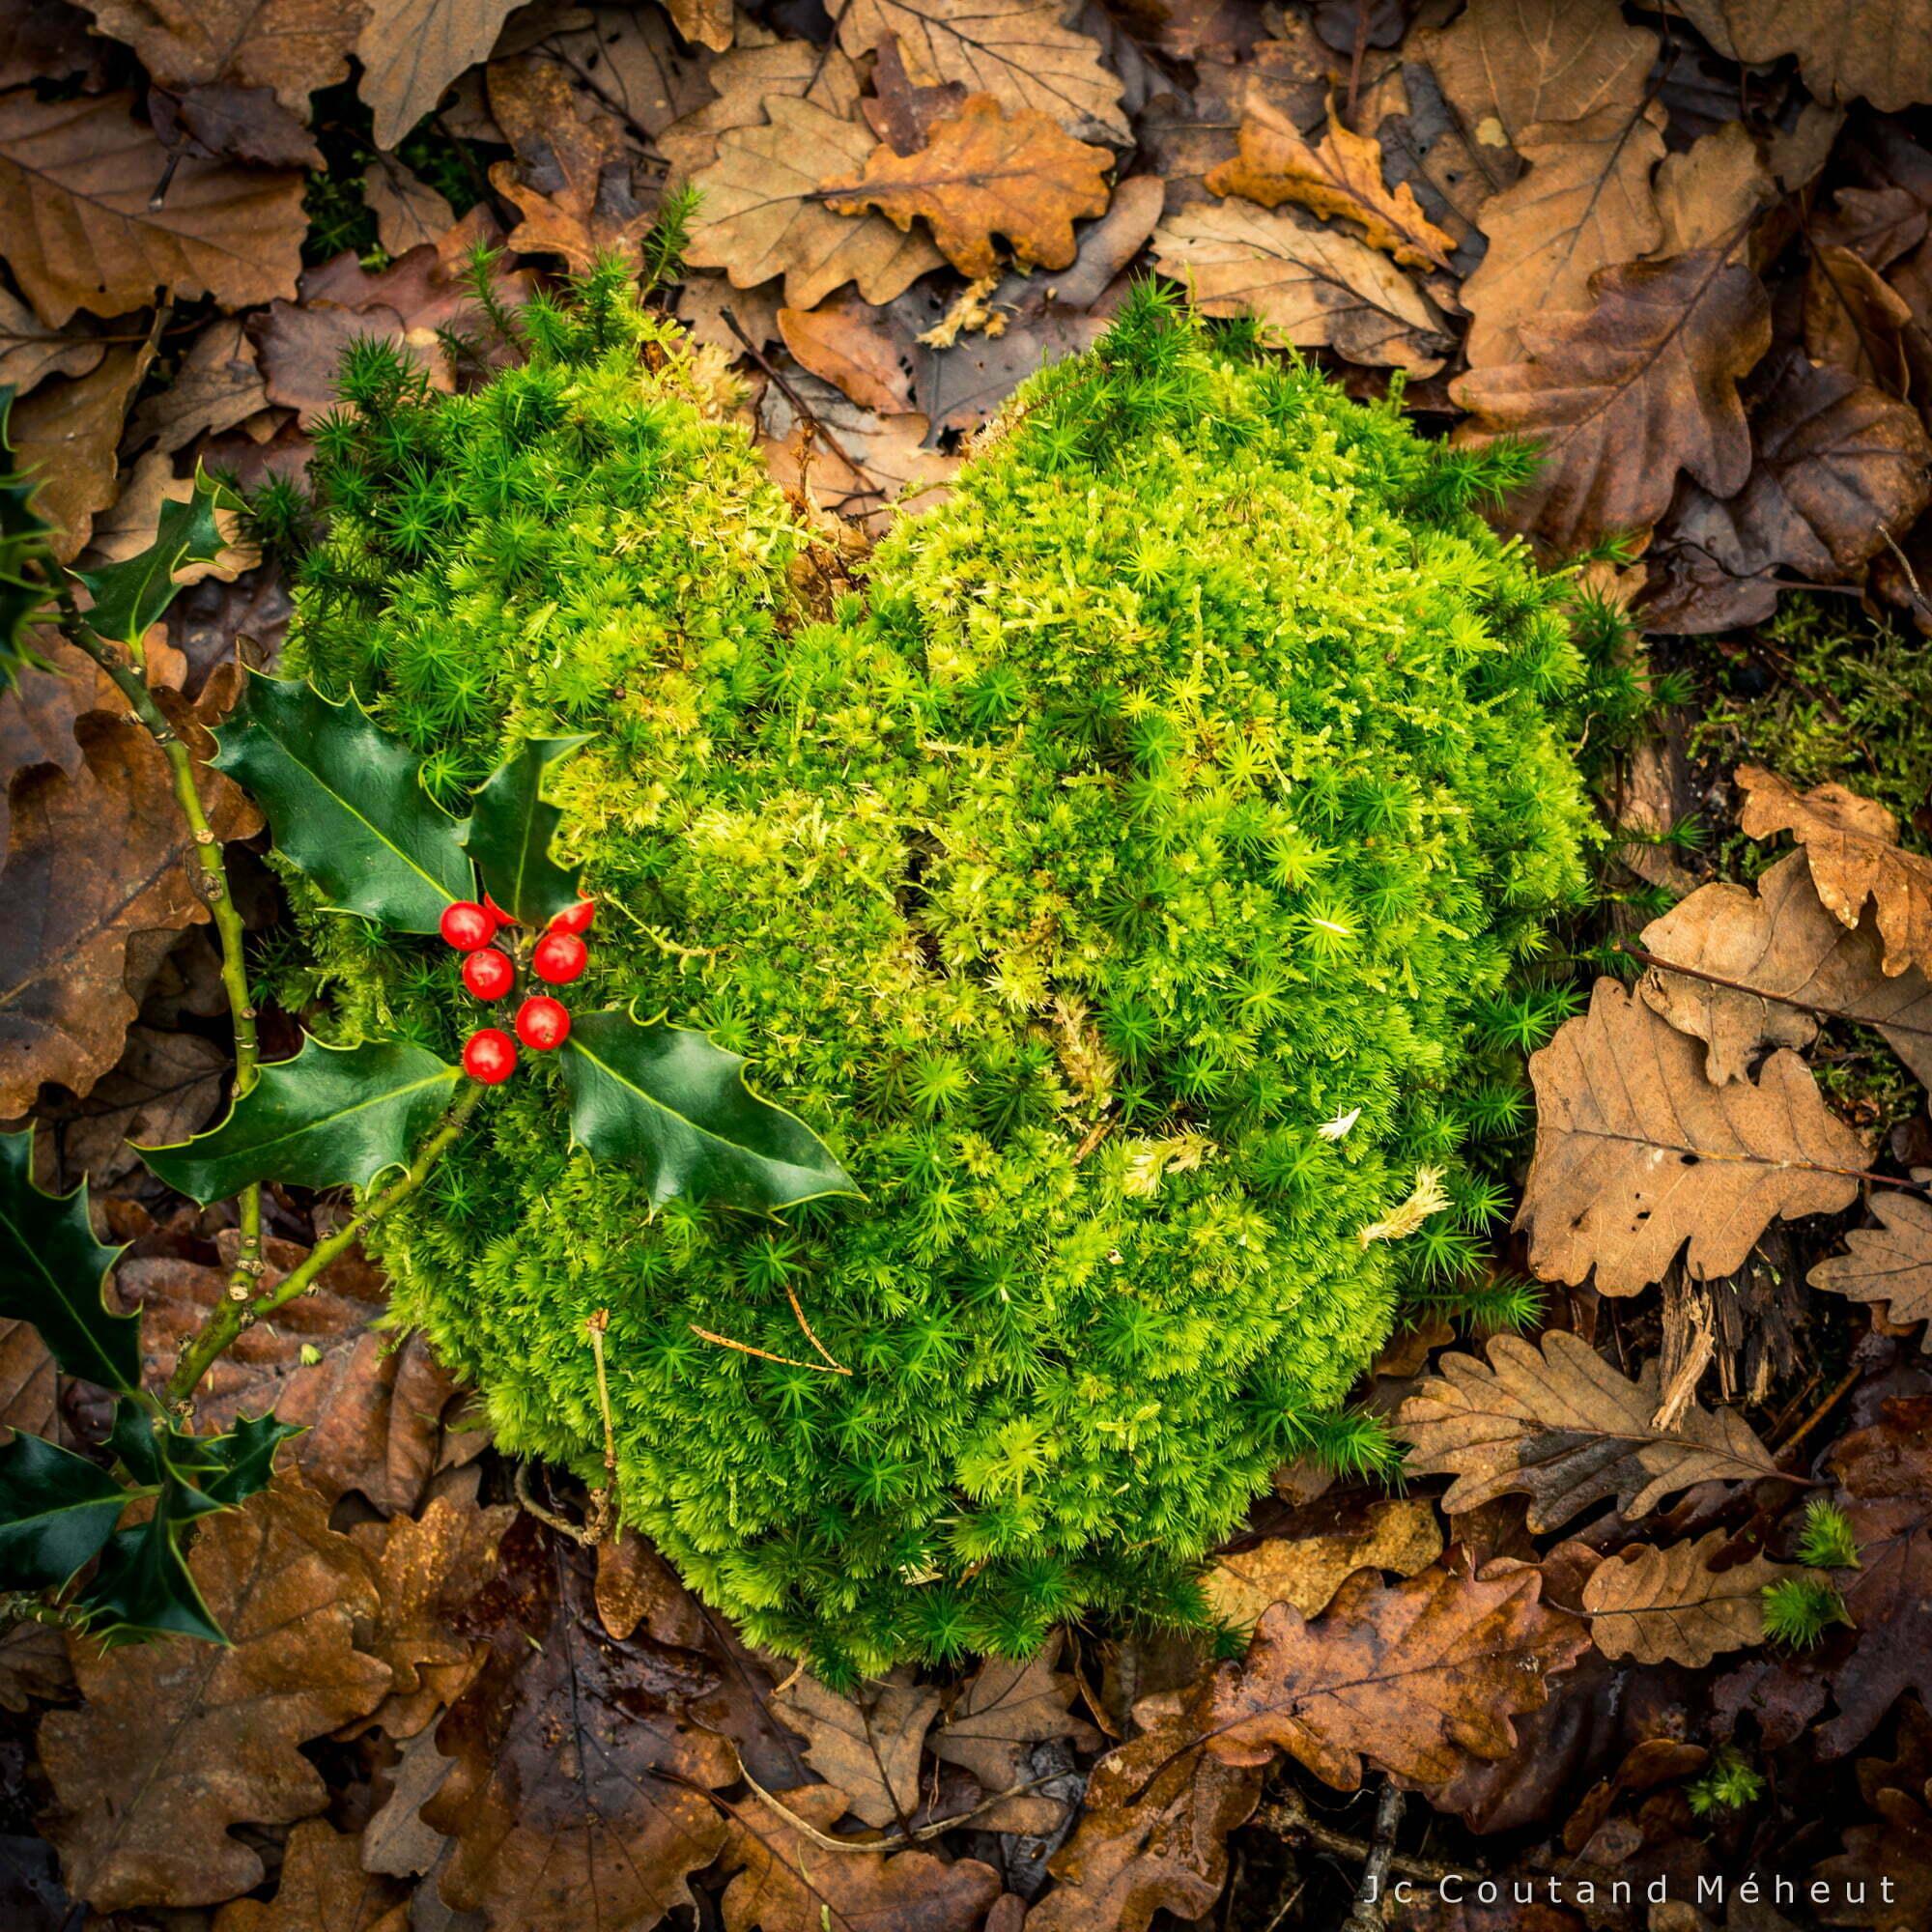 Au coeur de la forêt- Photo prise par le photographe Jean-Christophe Coutand-Méheut